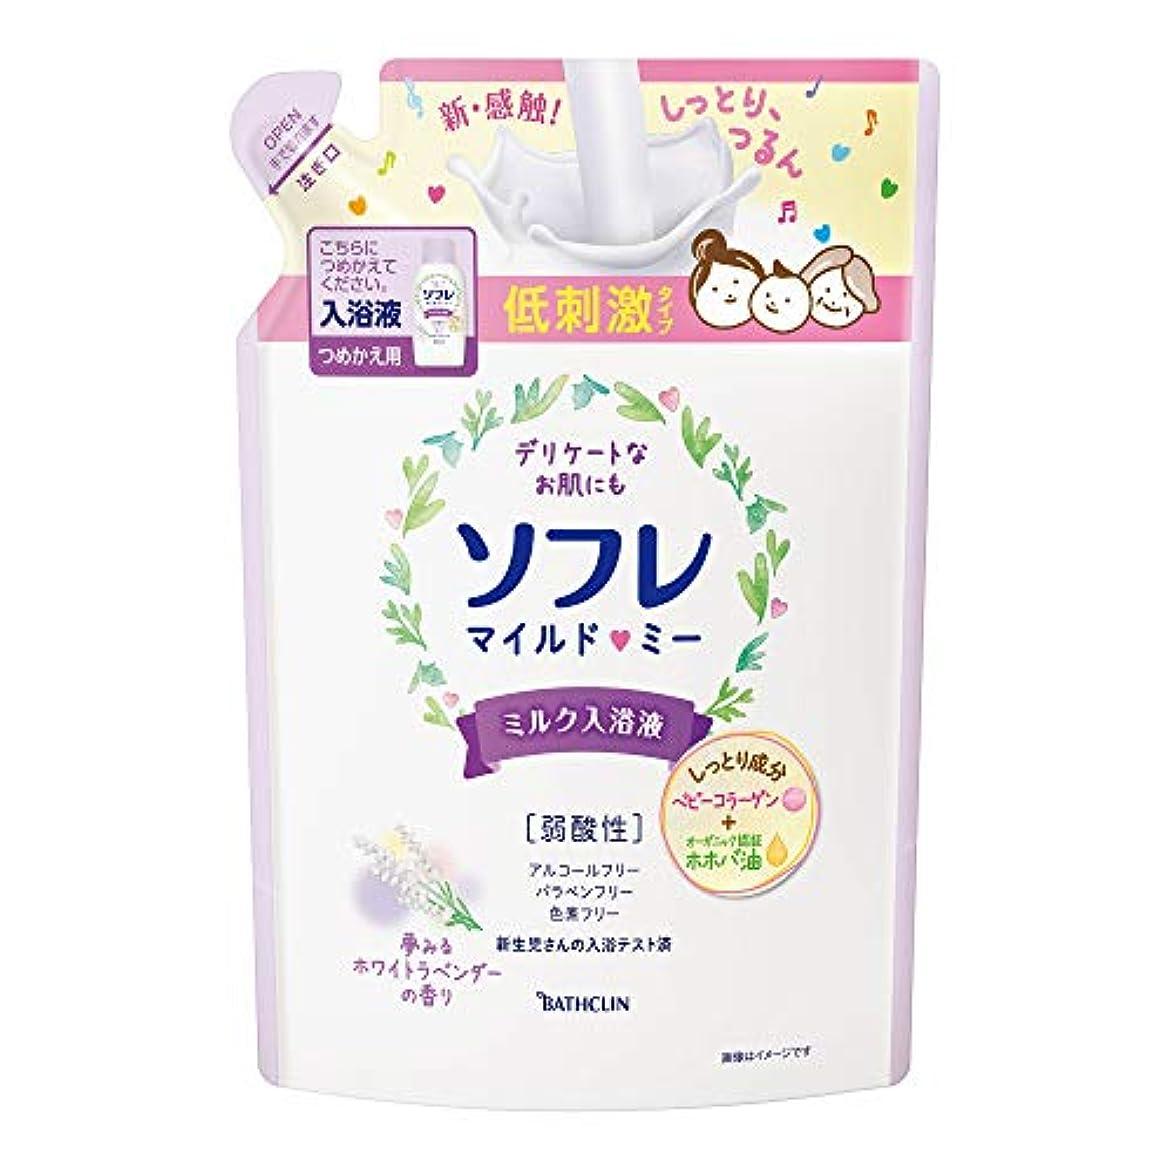 偶然のアナニバー水差しバスクリン ソフレ入浴液 マイルド?ミー ミルク 夢みるホワイトラベンダーの香り つめかえ用 600mL保湿 成分配合 赤ちゃんと一緒に使えます。